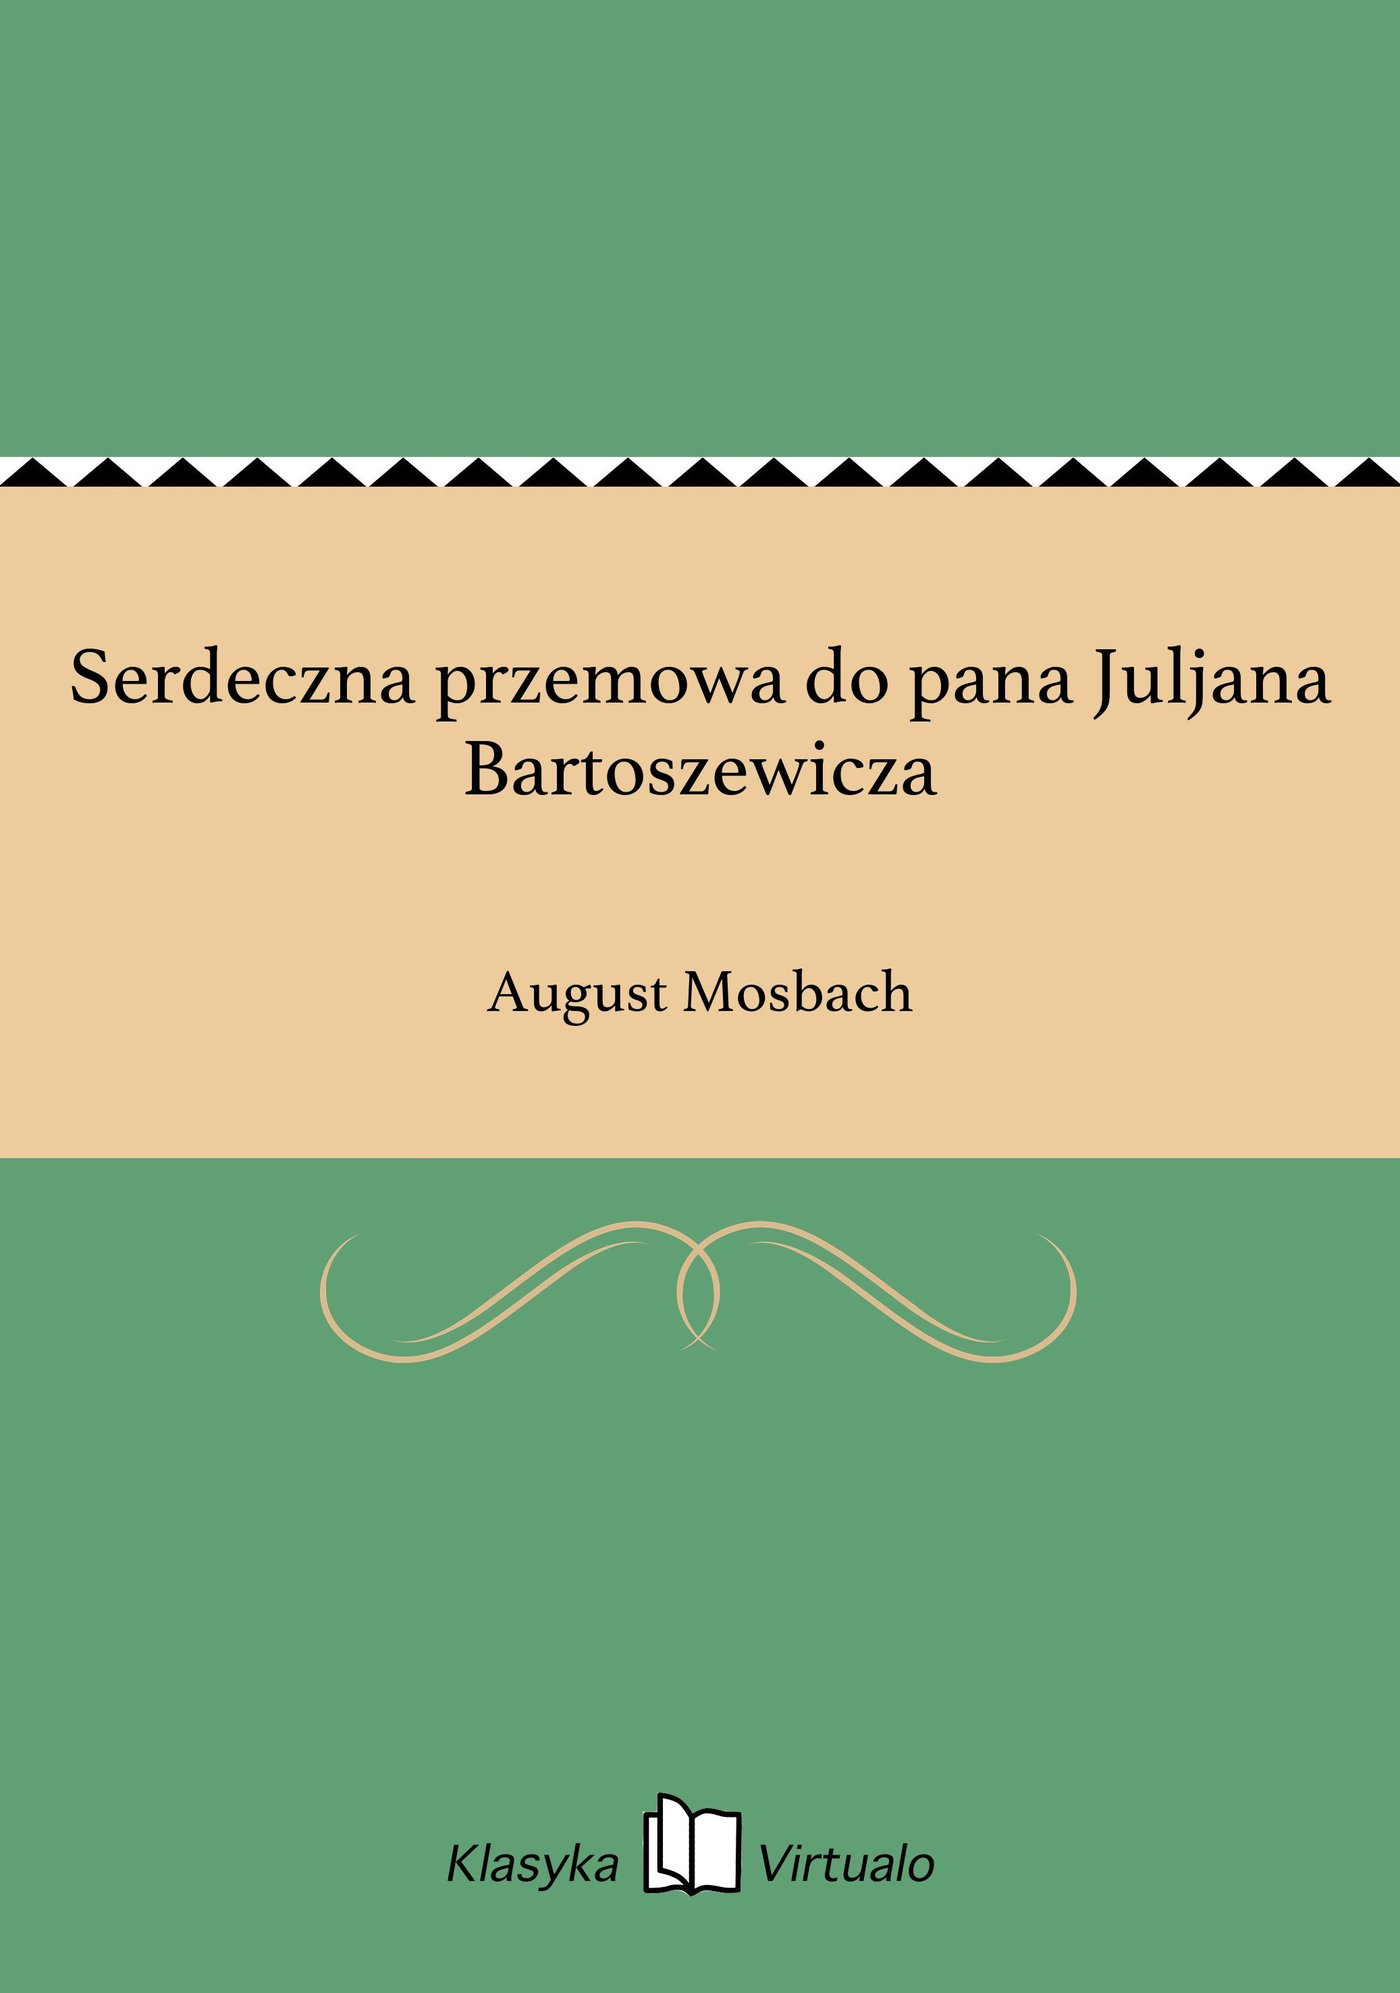 Serdeczna przemowa do pana Juljana Bartoszewicza - Ebook (Książka EPUB) do pobrania w formacie EPUB